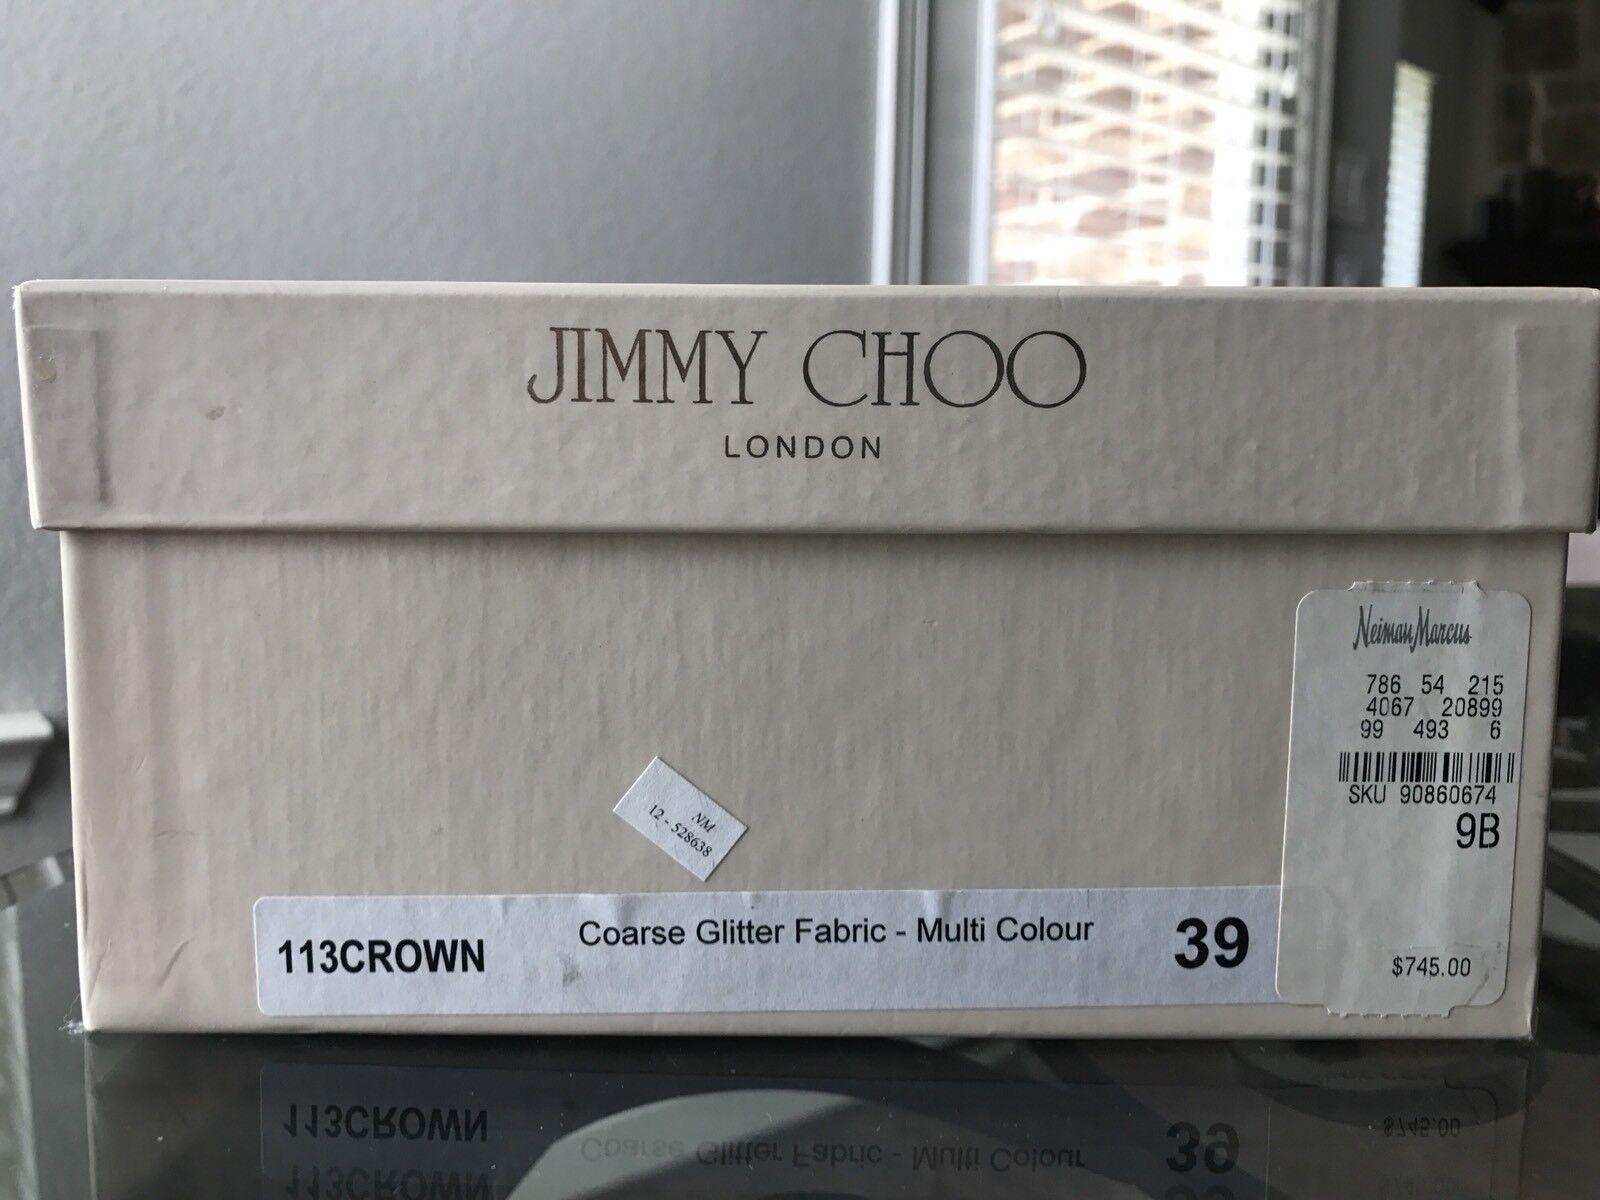 Jimmy Jimmy Jimmy Choo Grueso Brillo MultiColor Plataforma Stiletto auténtico talla-39 (US-9 7f7614